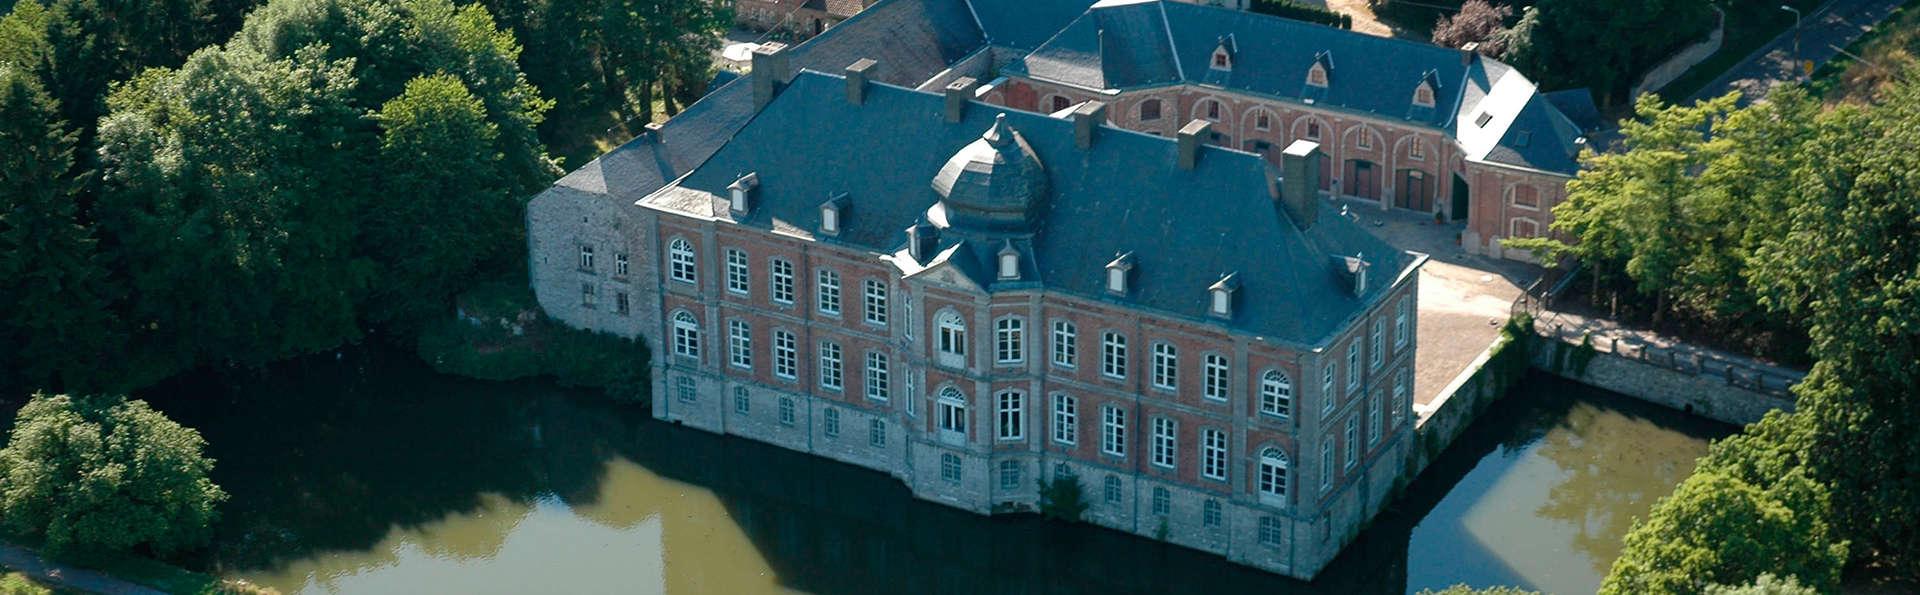 Chateau de Vierset - EDIT_chateau.jpg